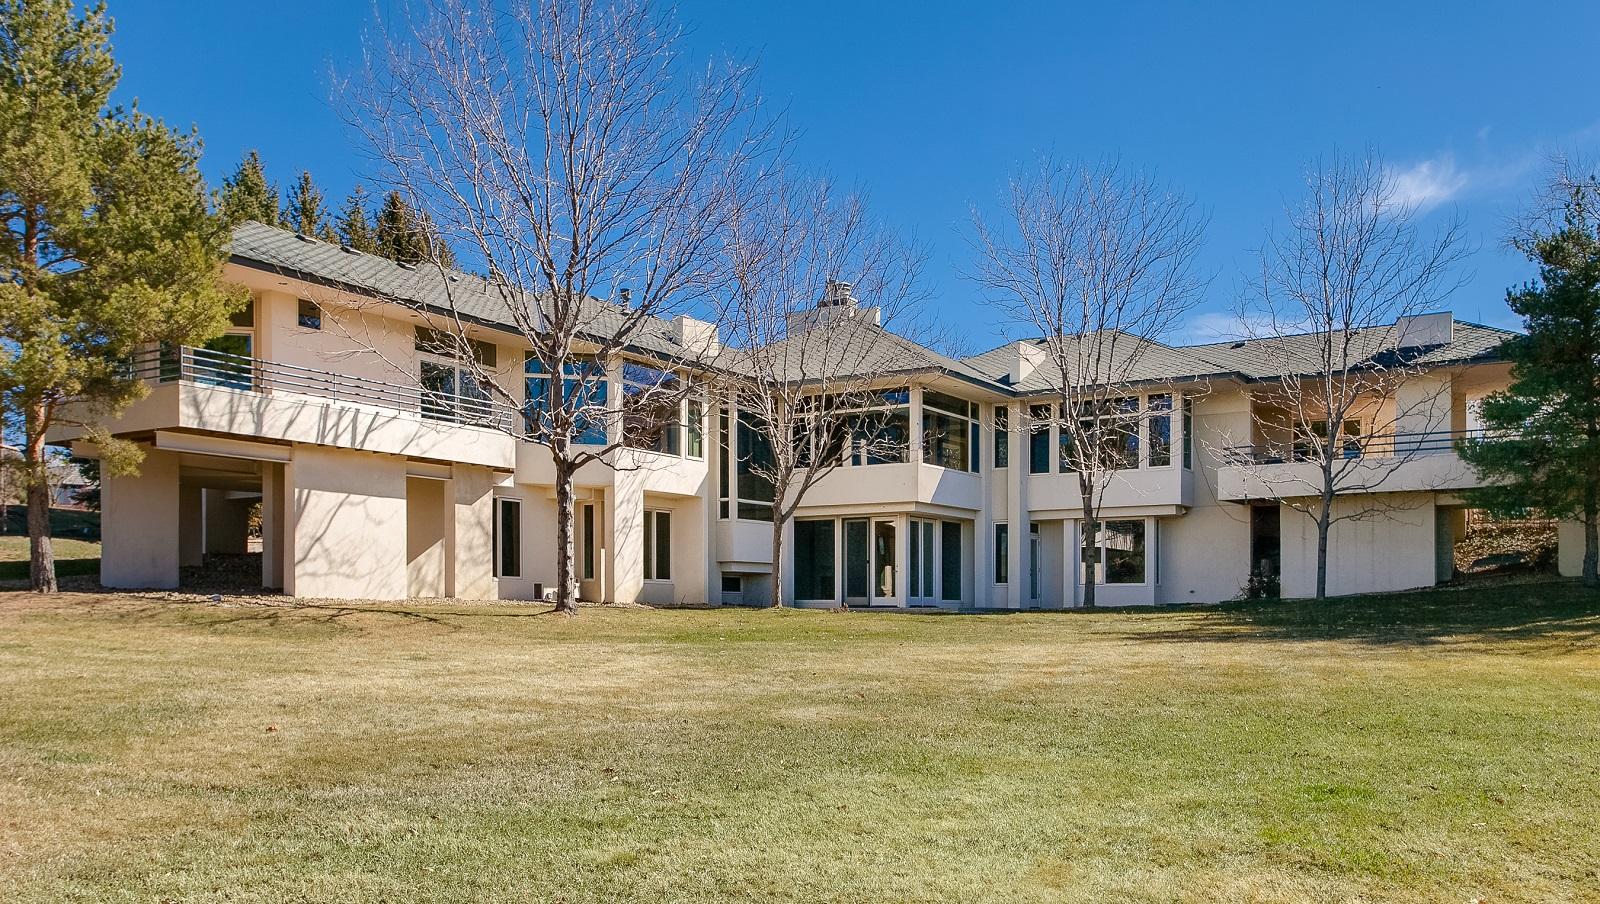 Casa Unifamiliar por un Venta en 5360 S Boston St 5360 S Boston Street Greenwood Village, Colorado, 80111 Estados Unidos